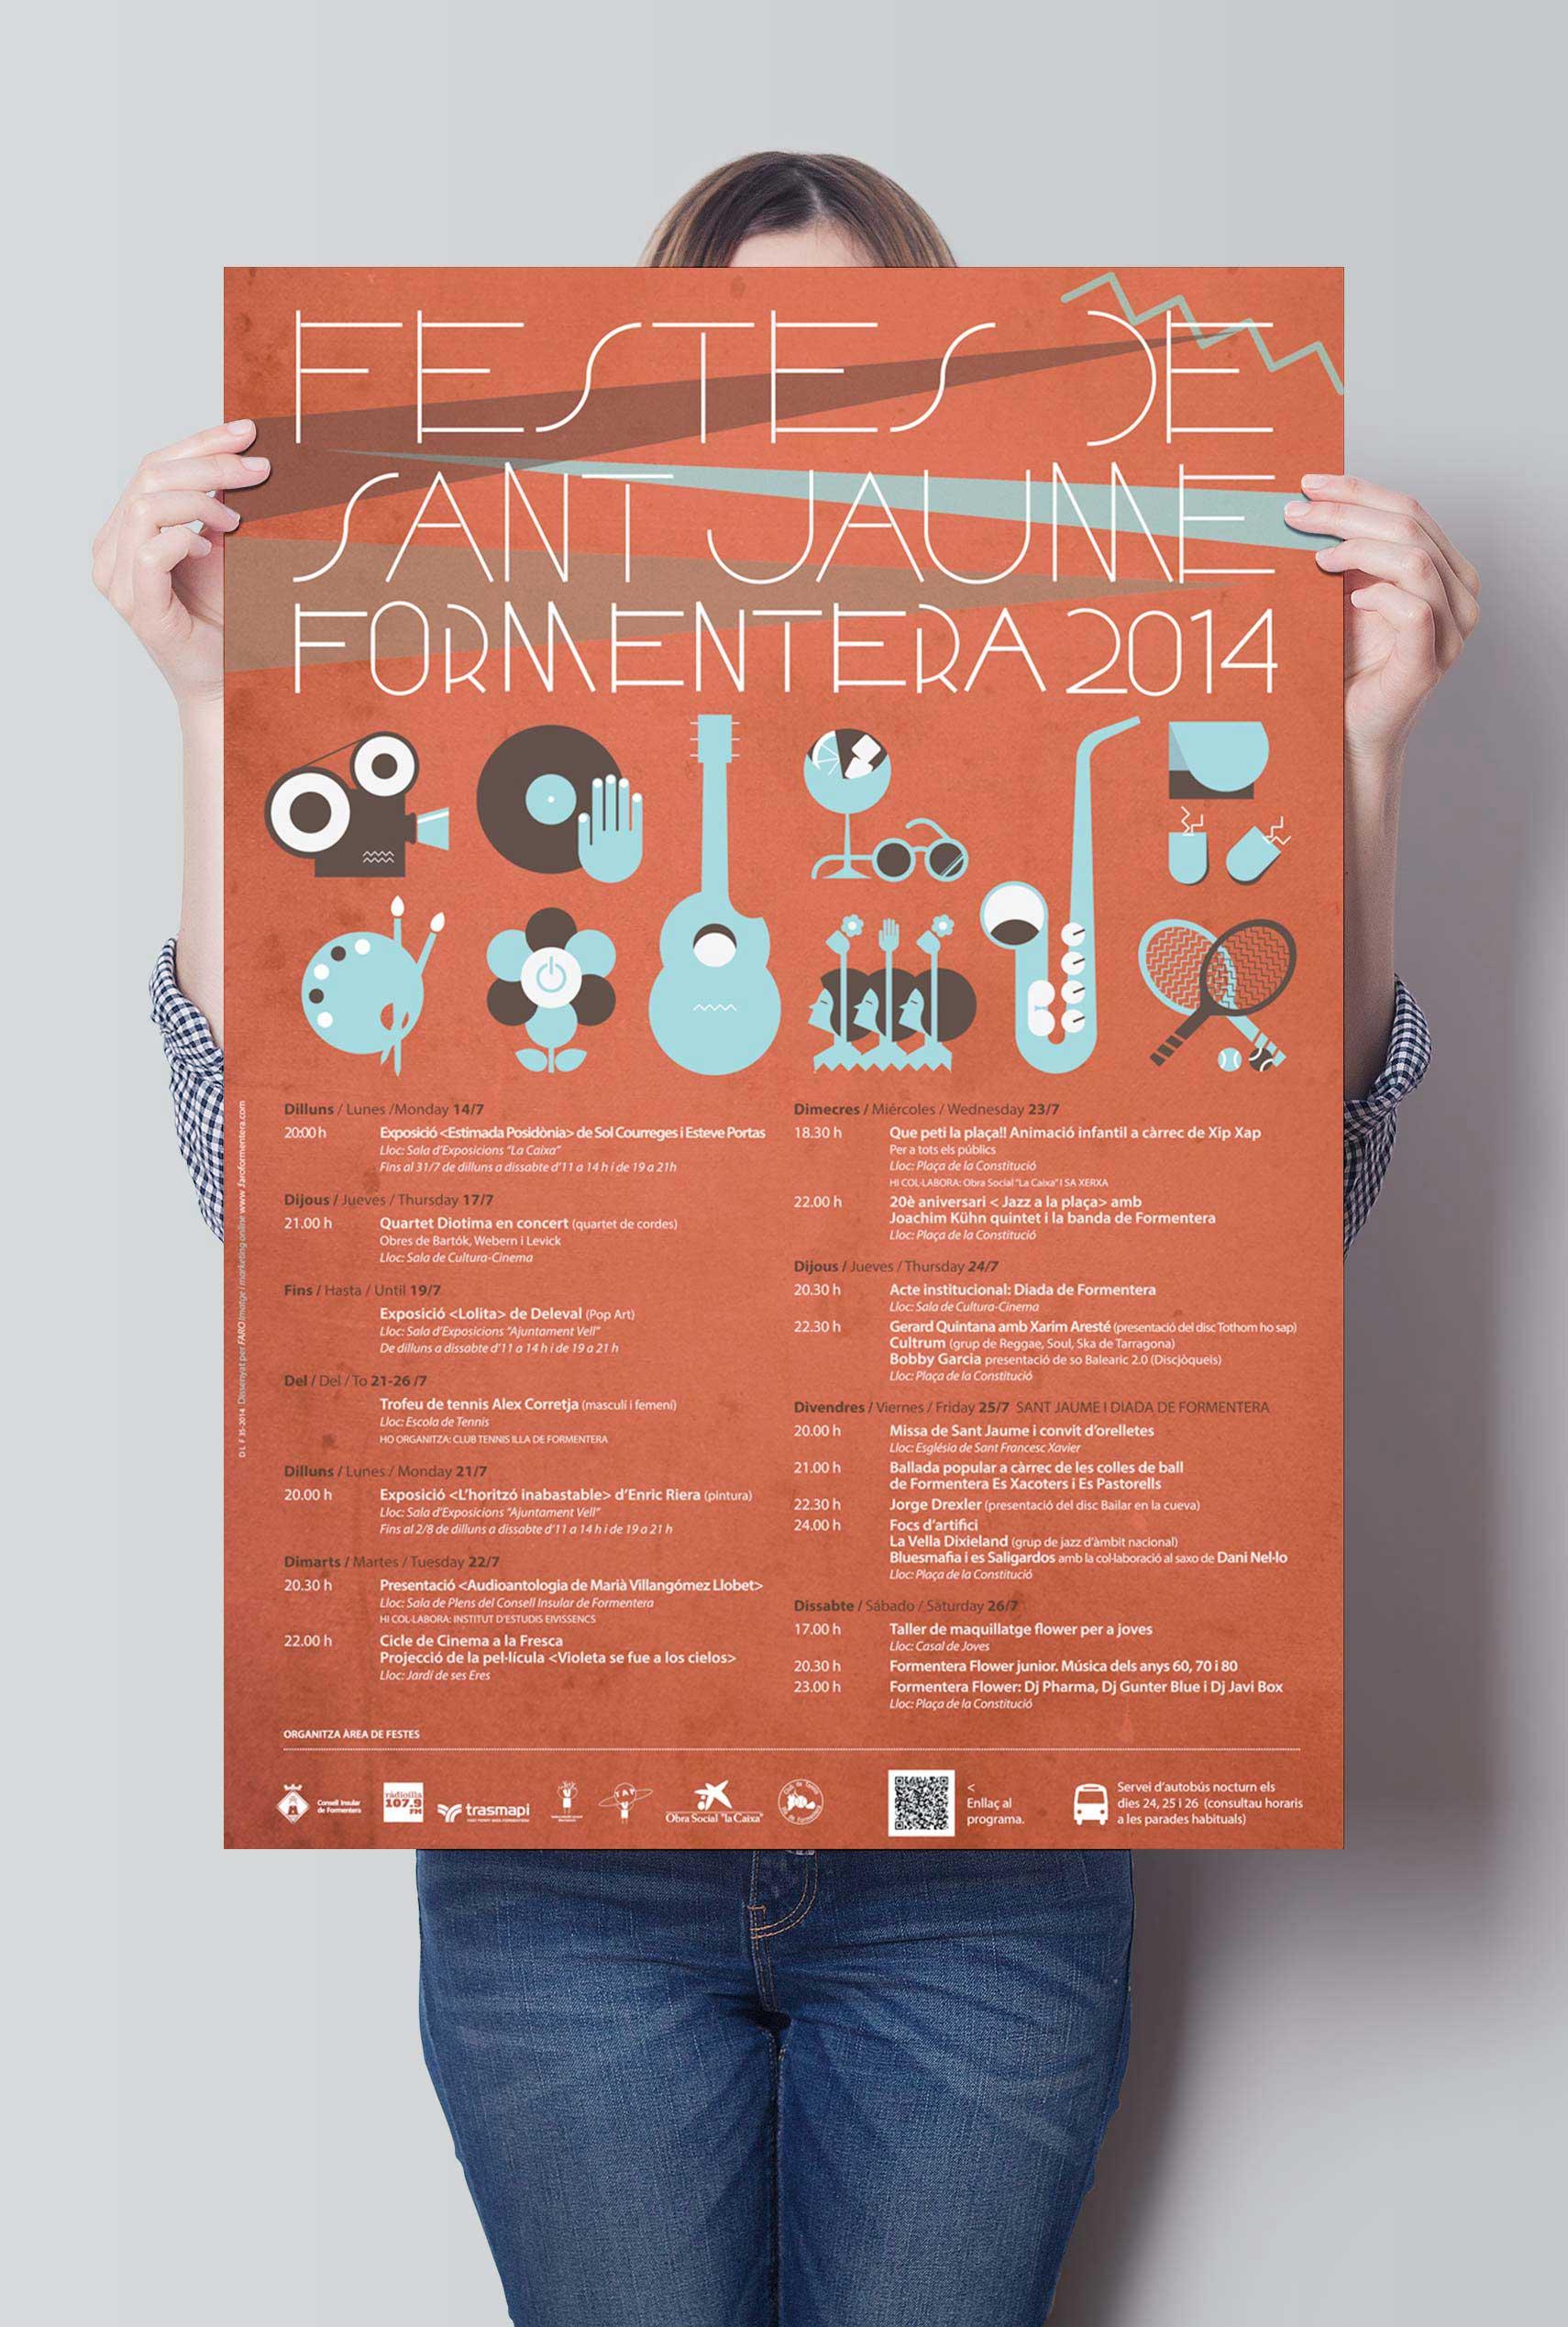 FESTES DE SANT JAUME 2014